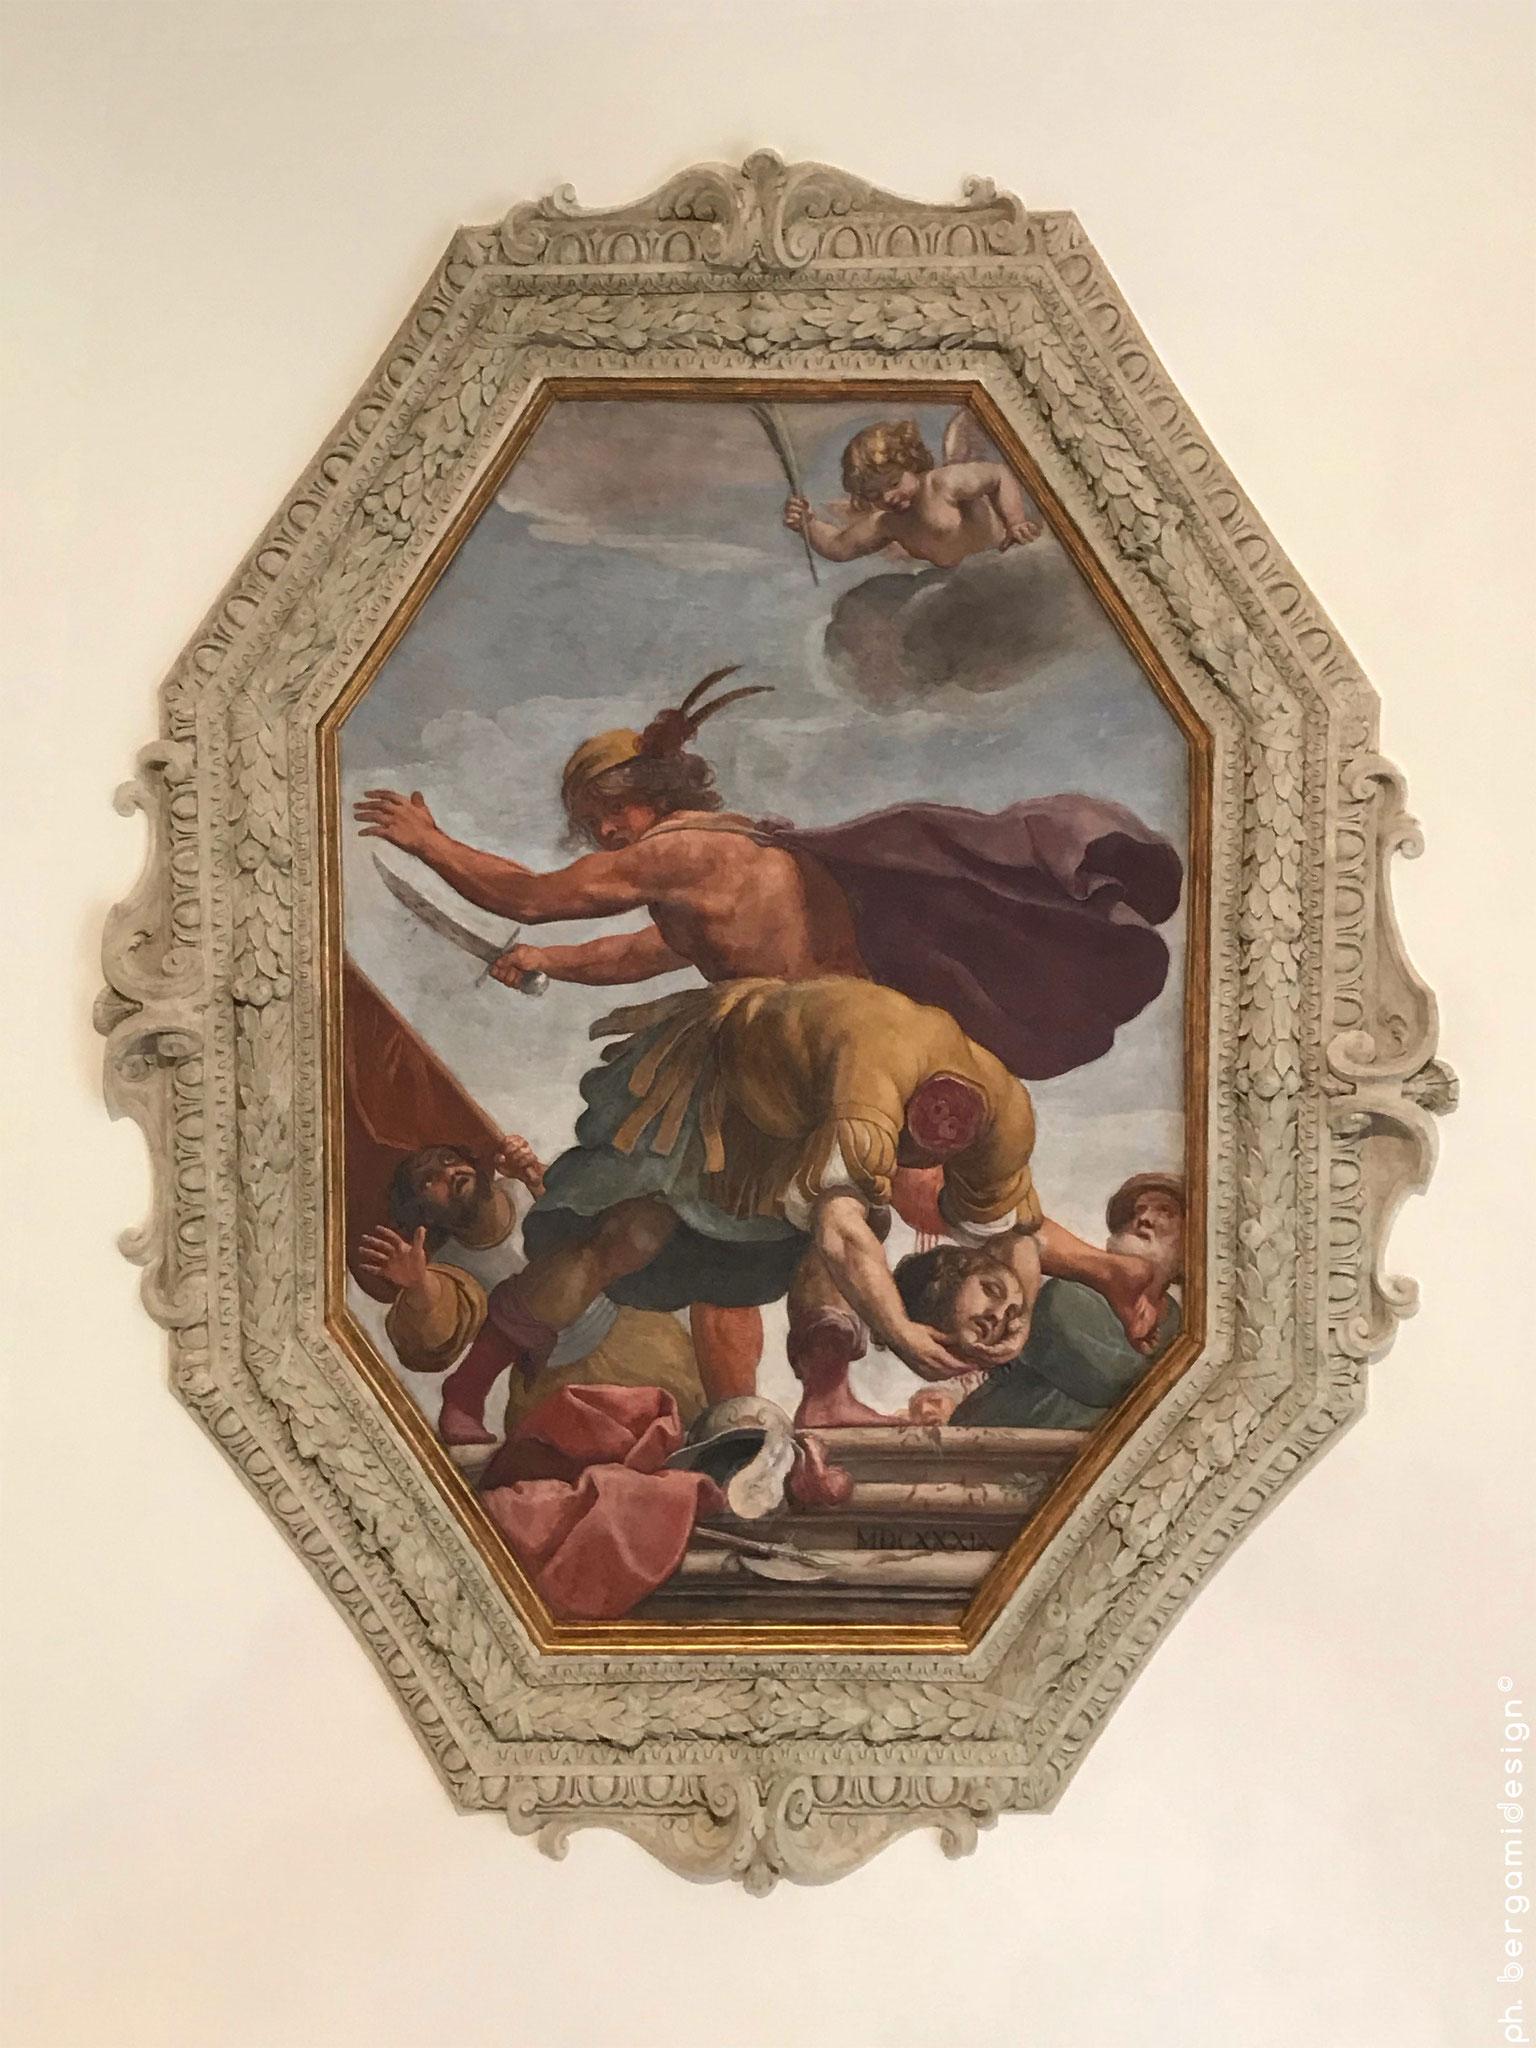 Il Martirio di San Procolo, Alessandro Tiarini (1639)